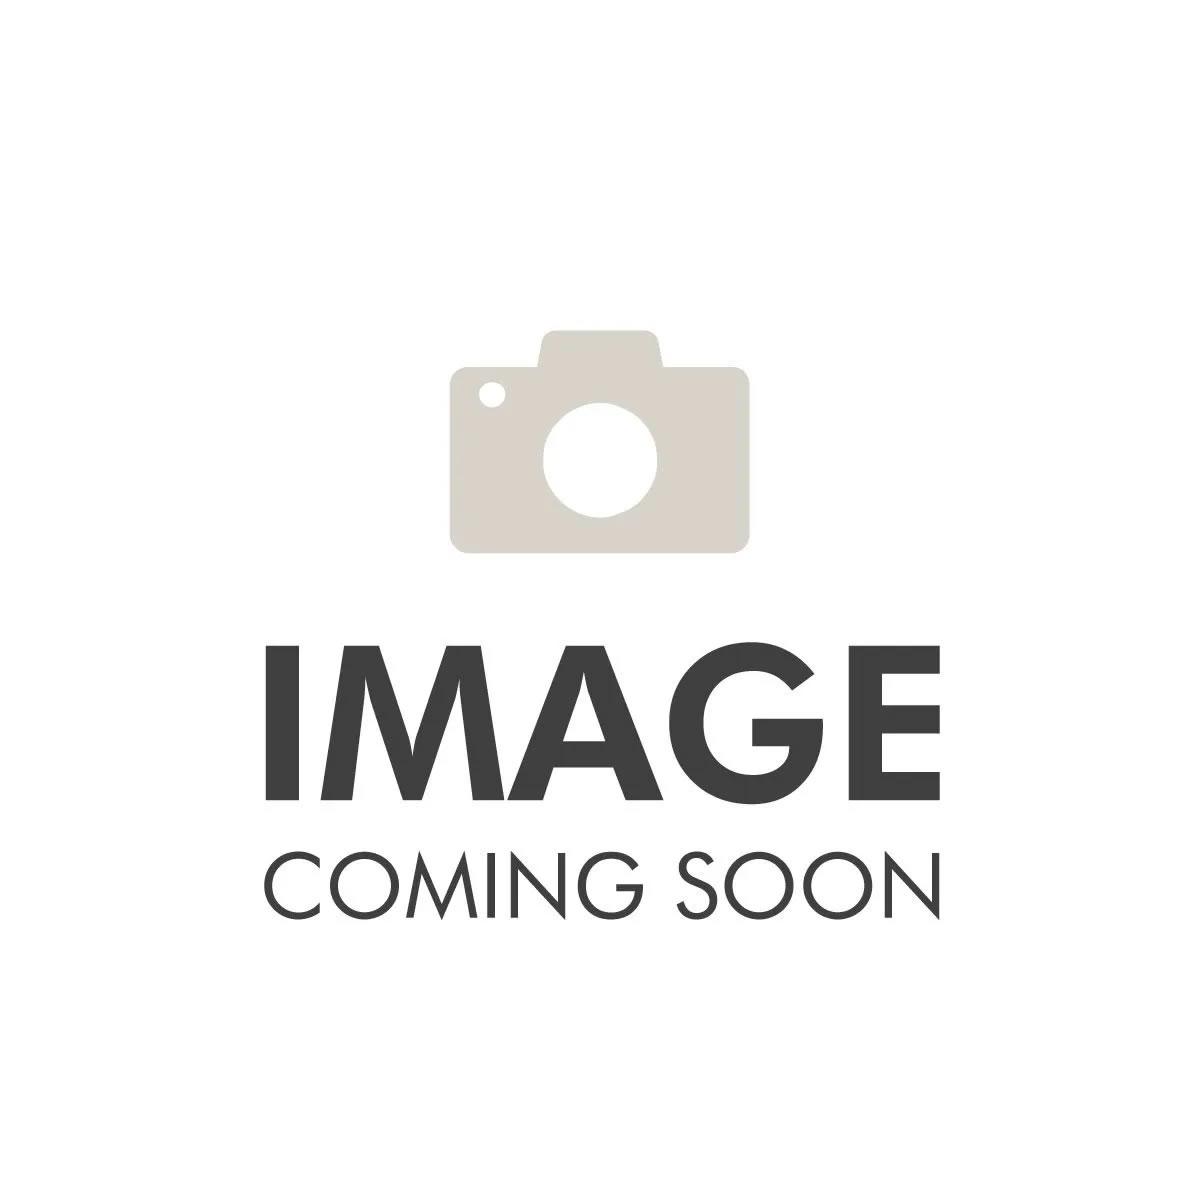 Ignition Lock With Keys 87-90 Jeep YJ Wrangler